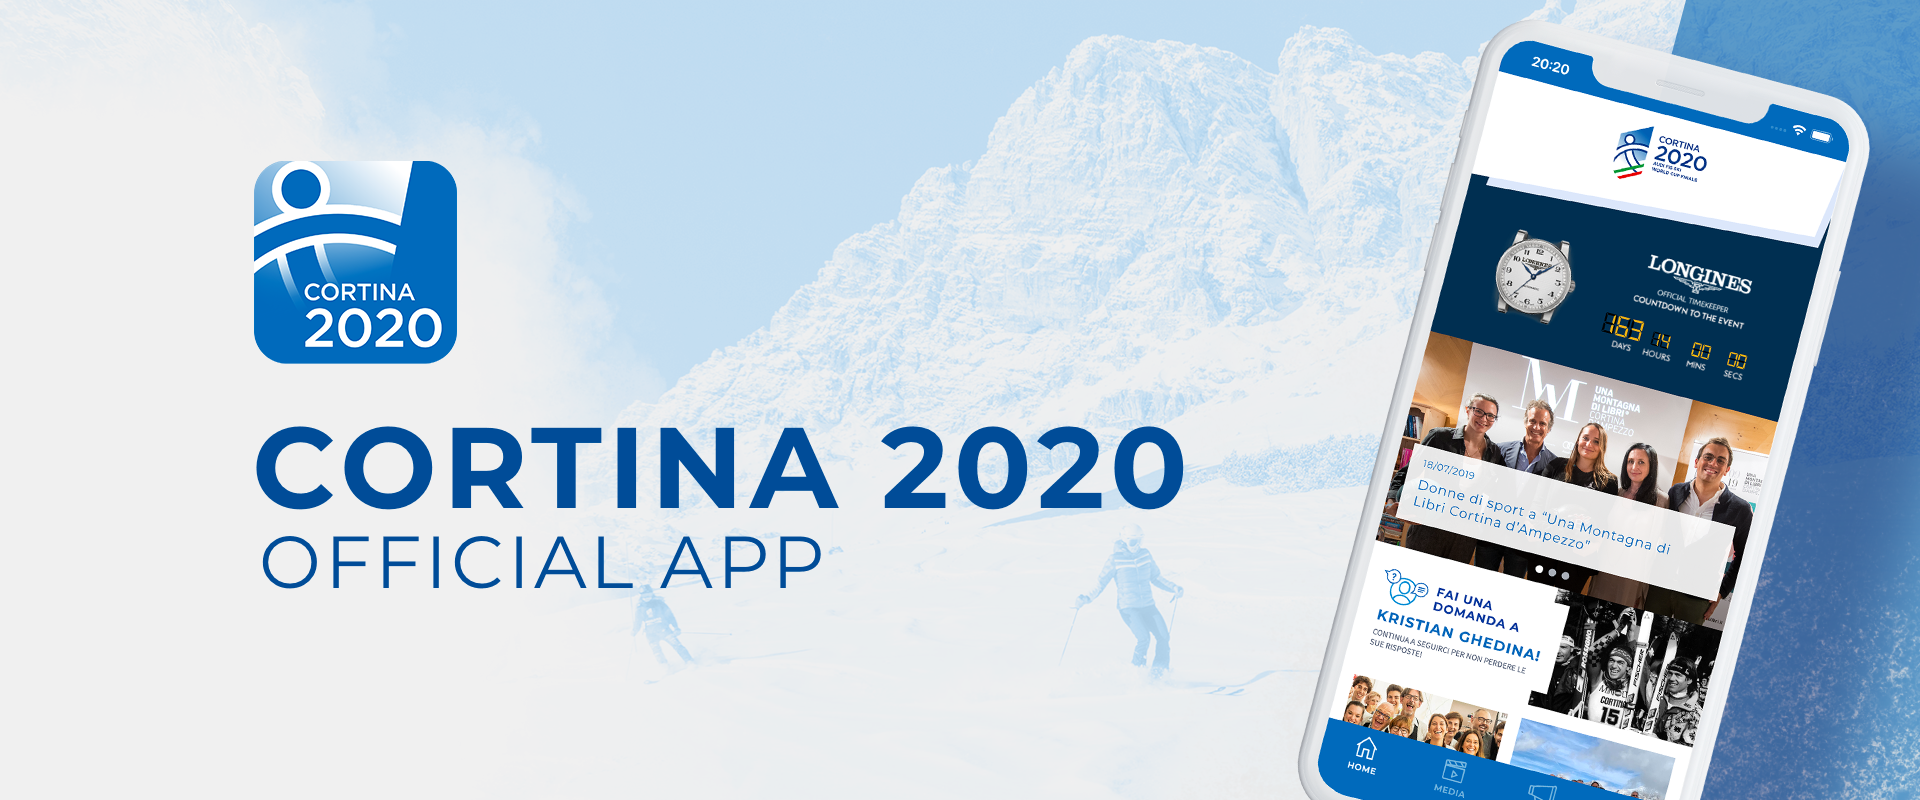 Cortina 2020